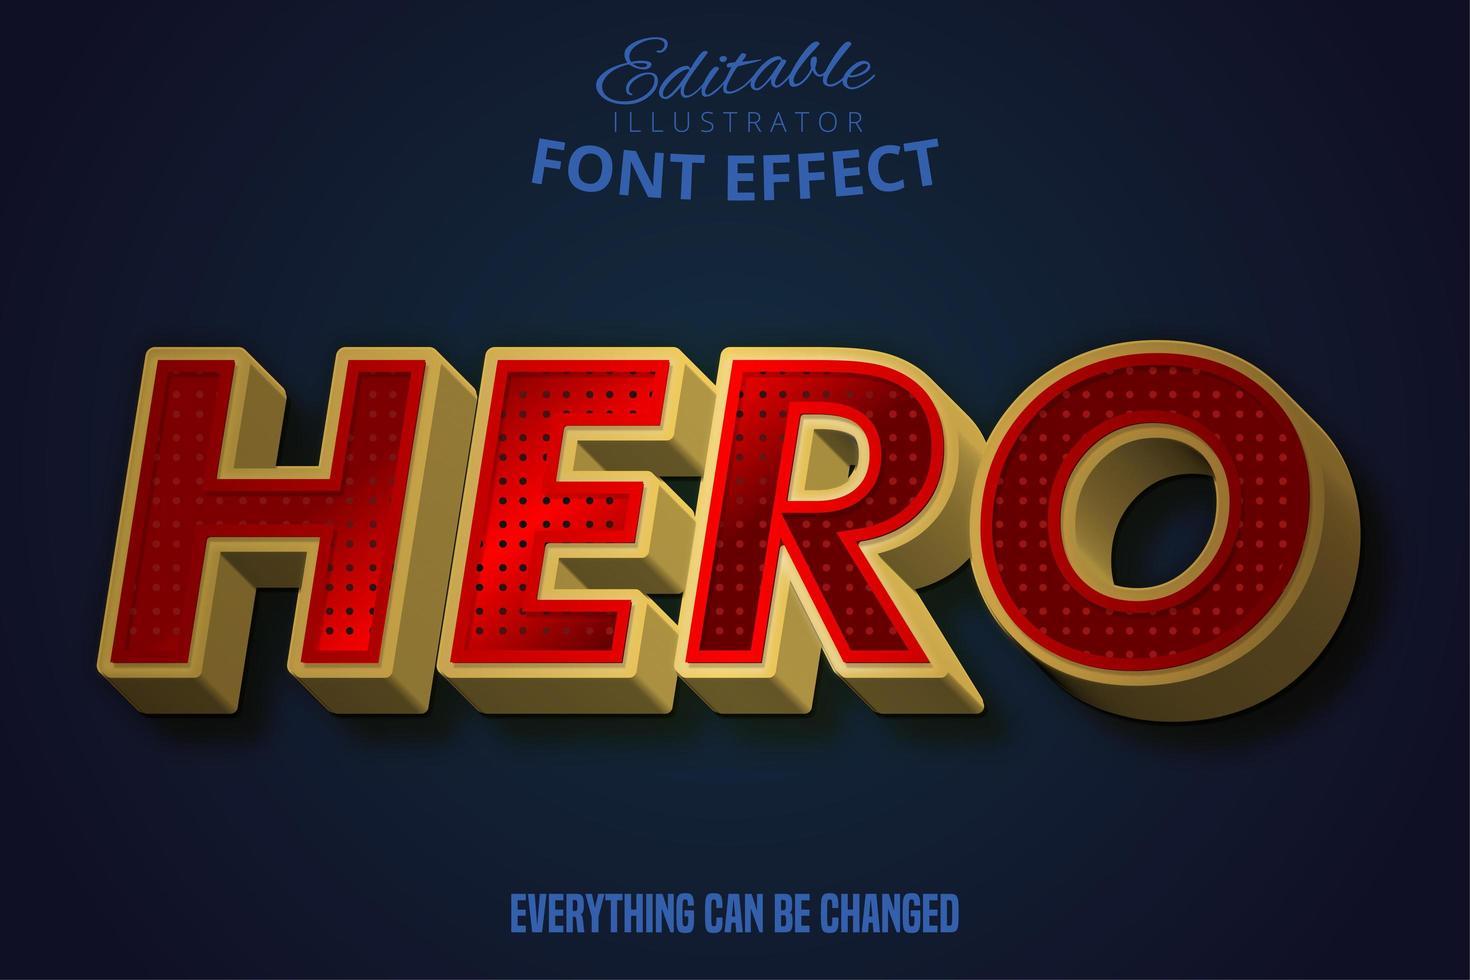 texto de héroe, efecto de texto editable. vector